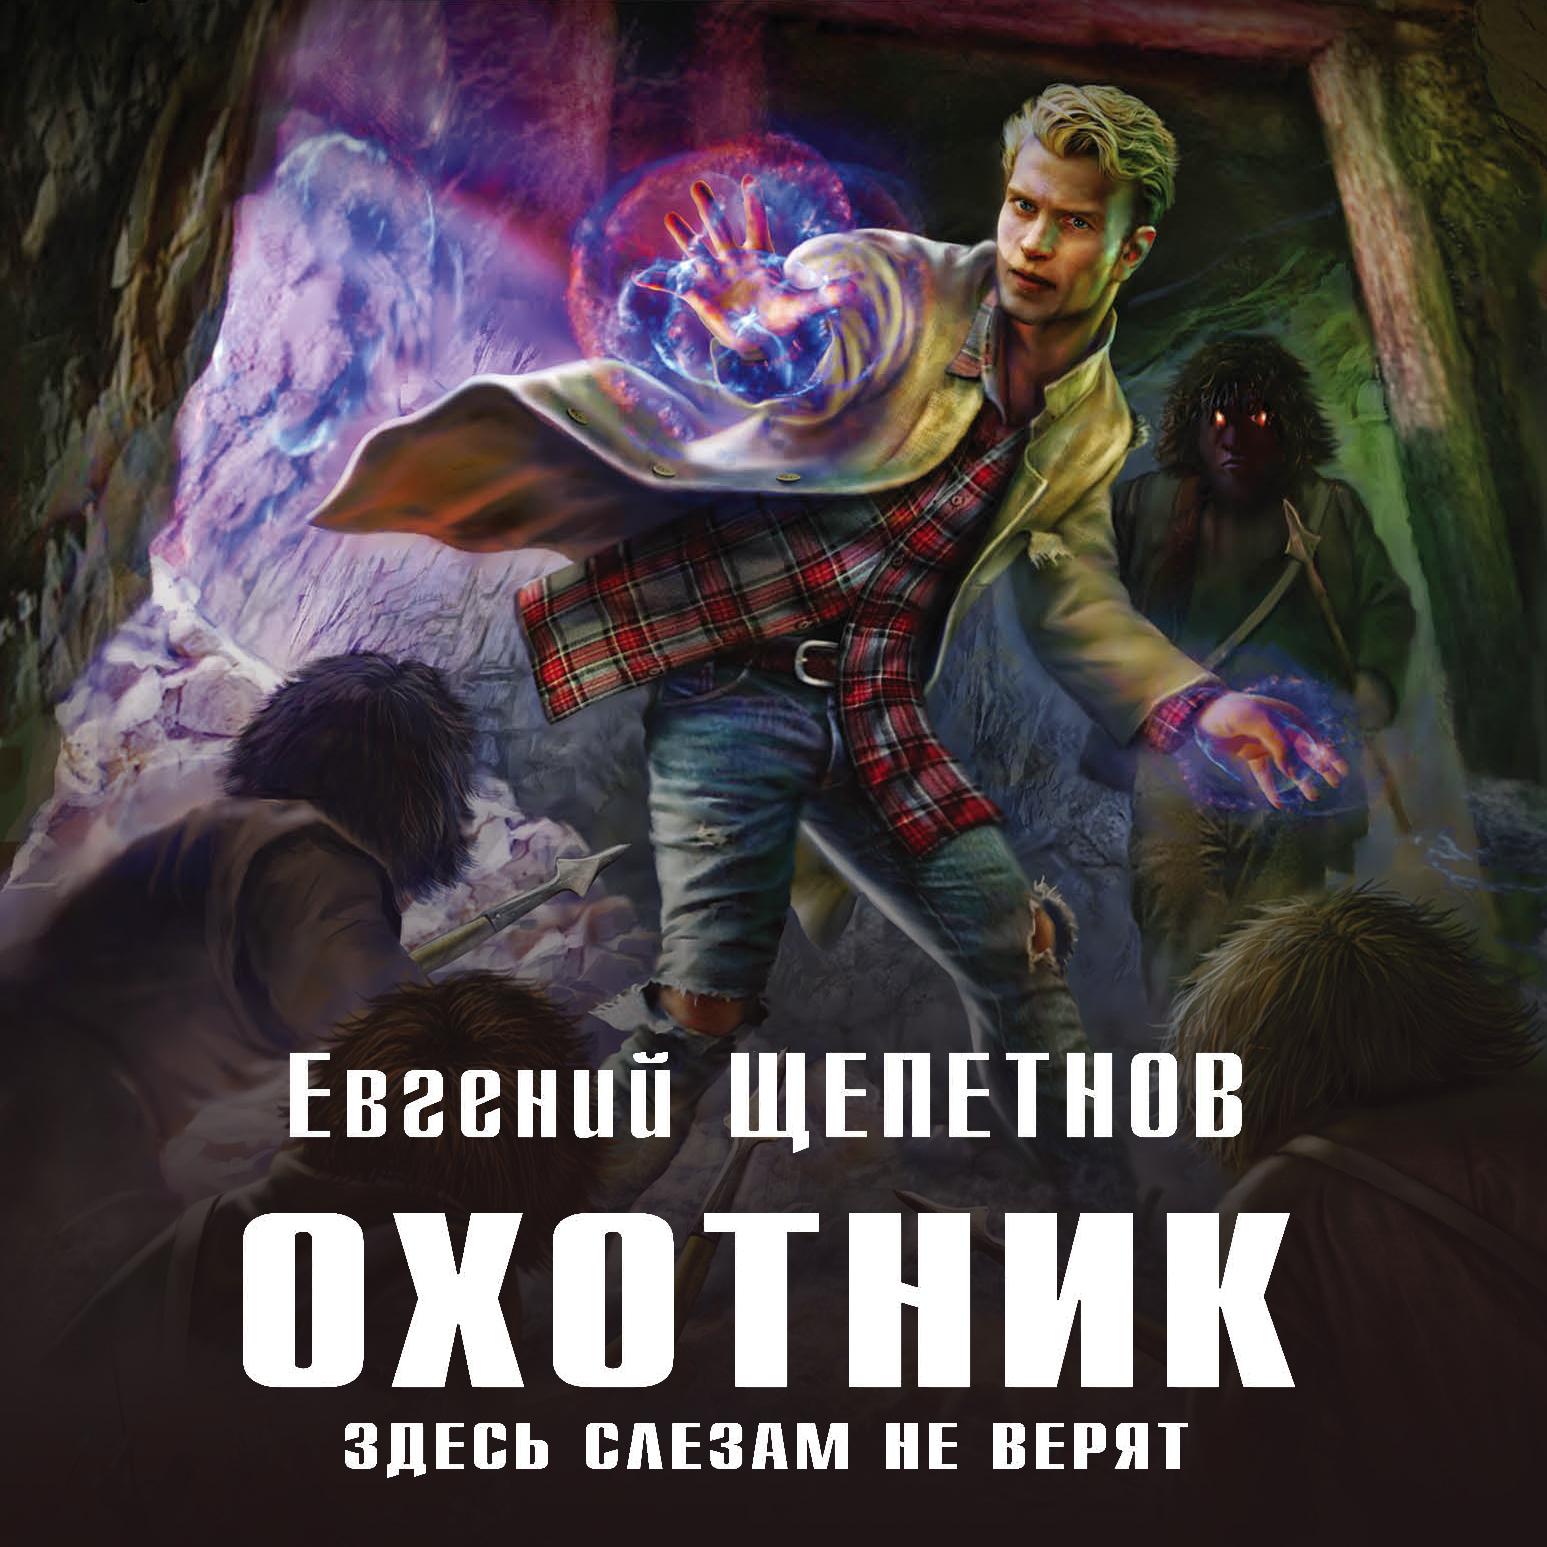 Купить книгу Охотник. Здесь слезам не верят, автора Евгения Щепетнова